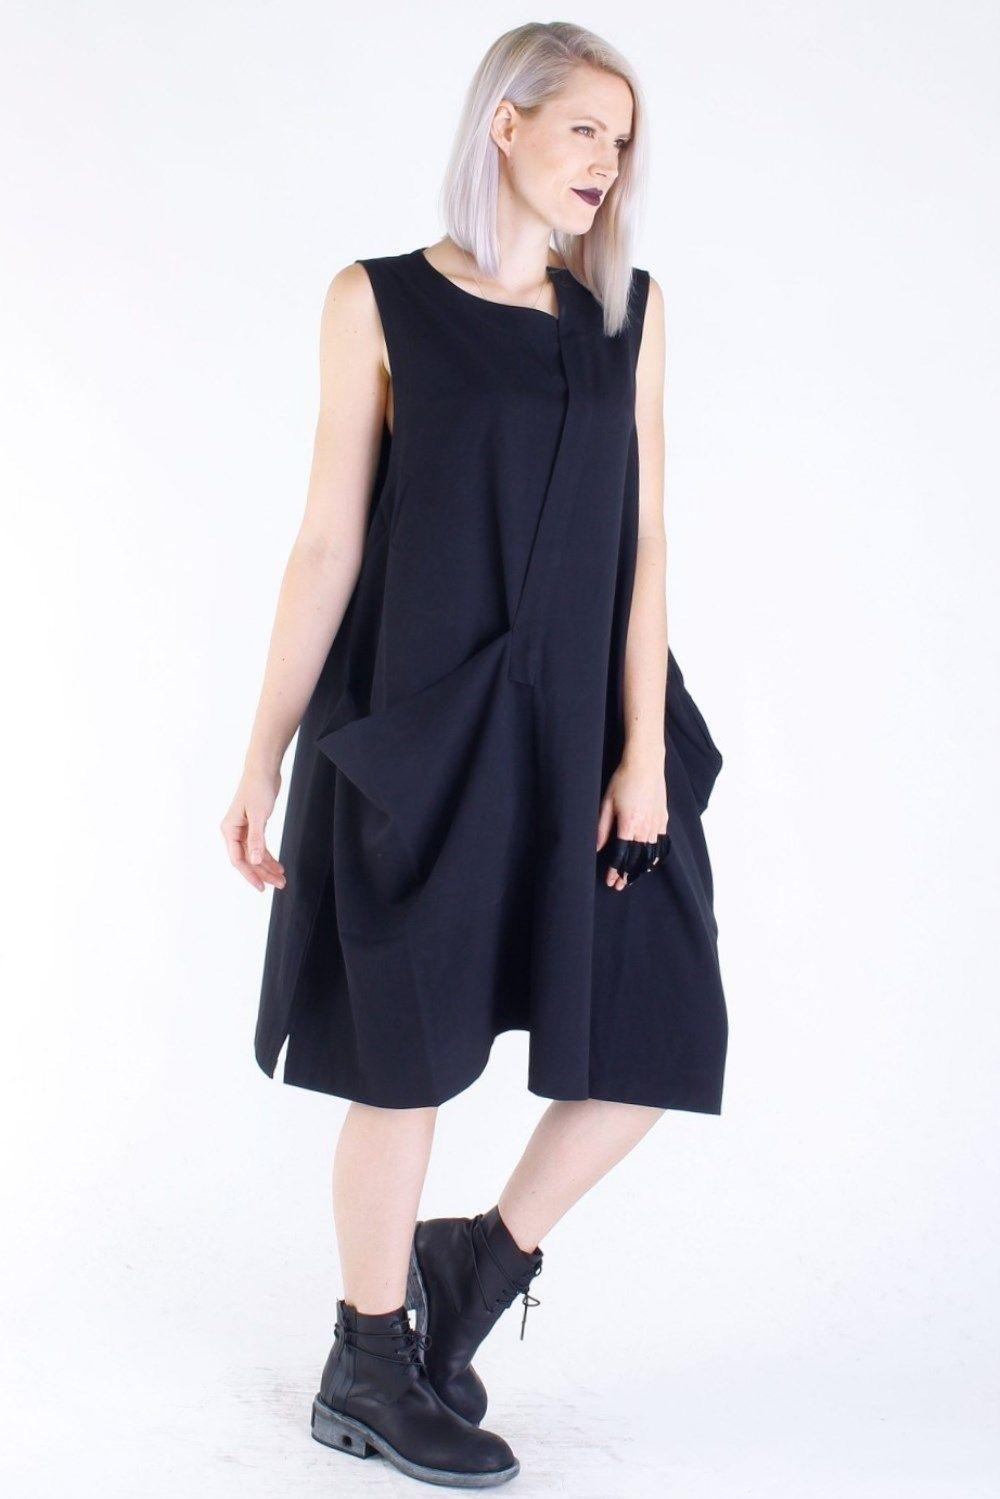 Genial Schöne Damen Kleider Bester PreisFormal Elegant Schöne Damen Kleider Spezialgebiet